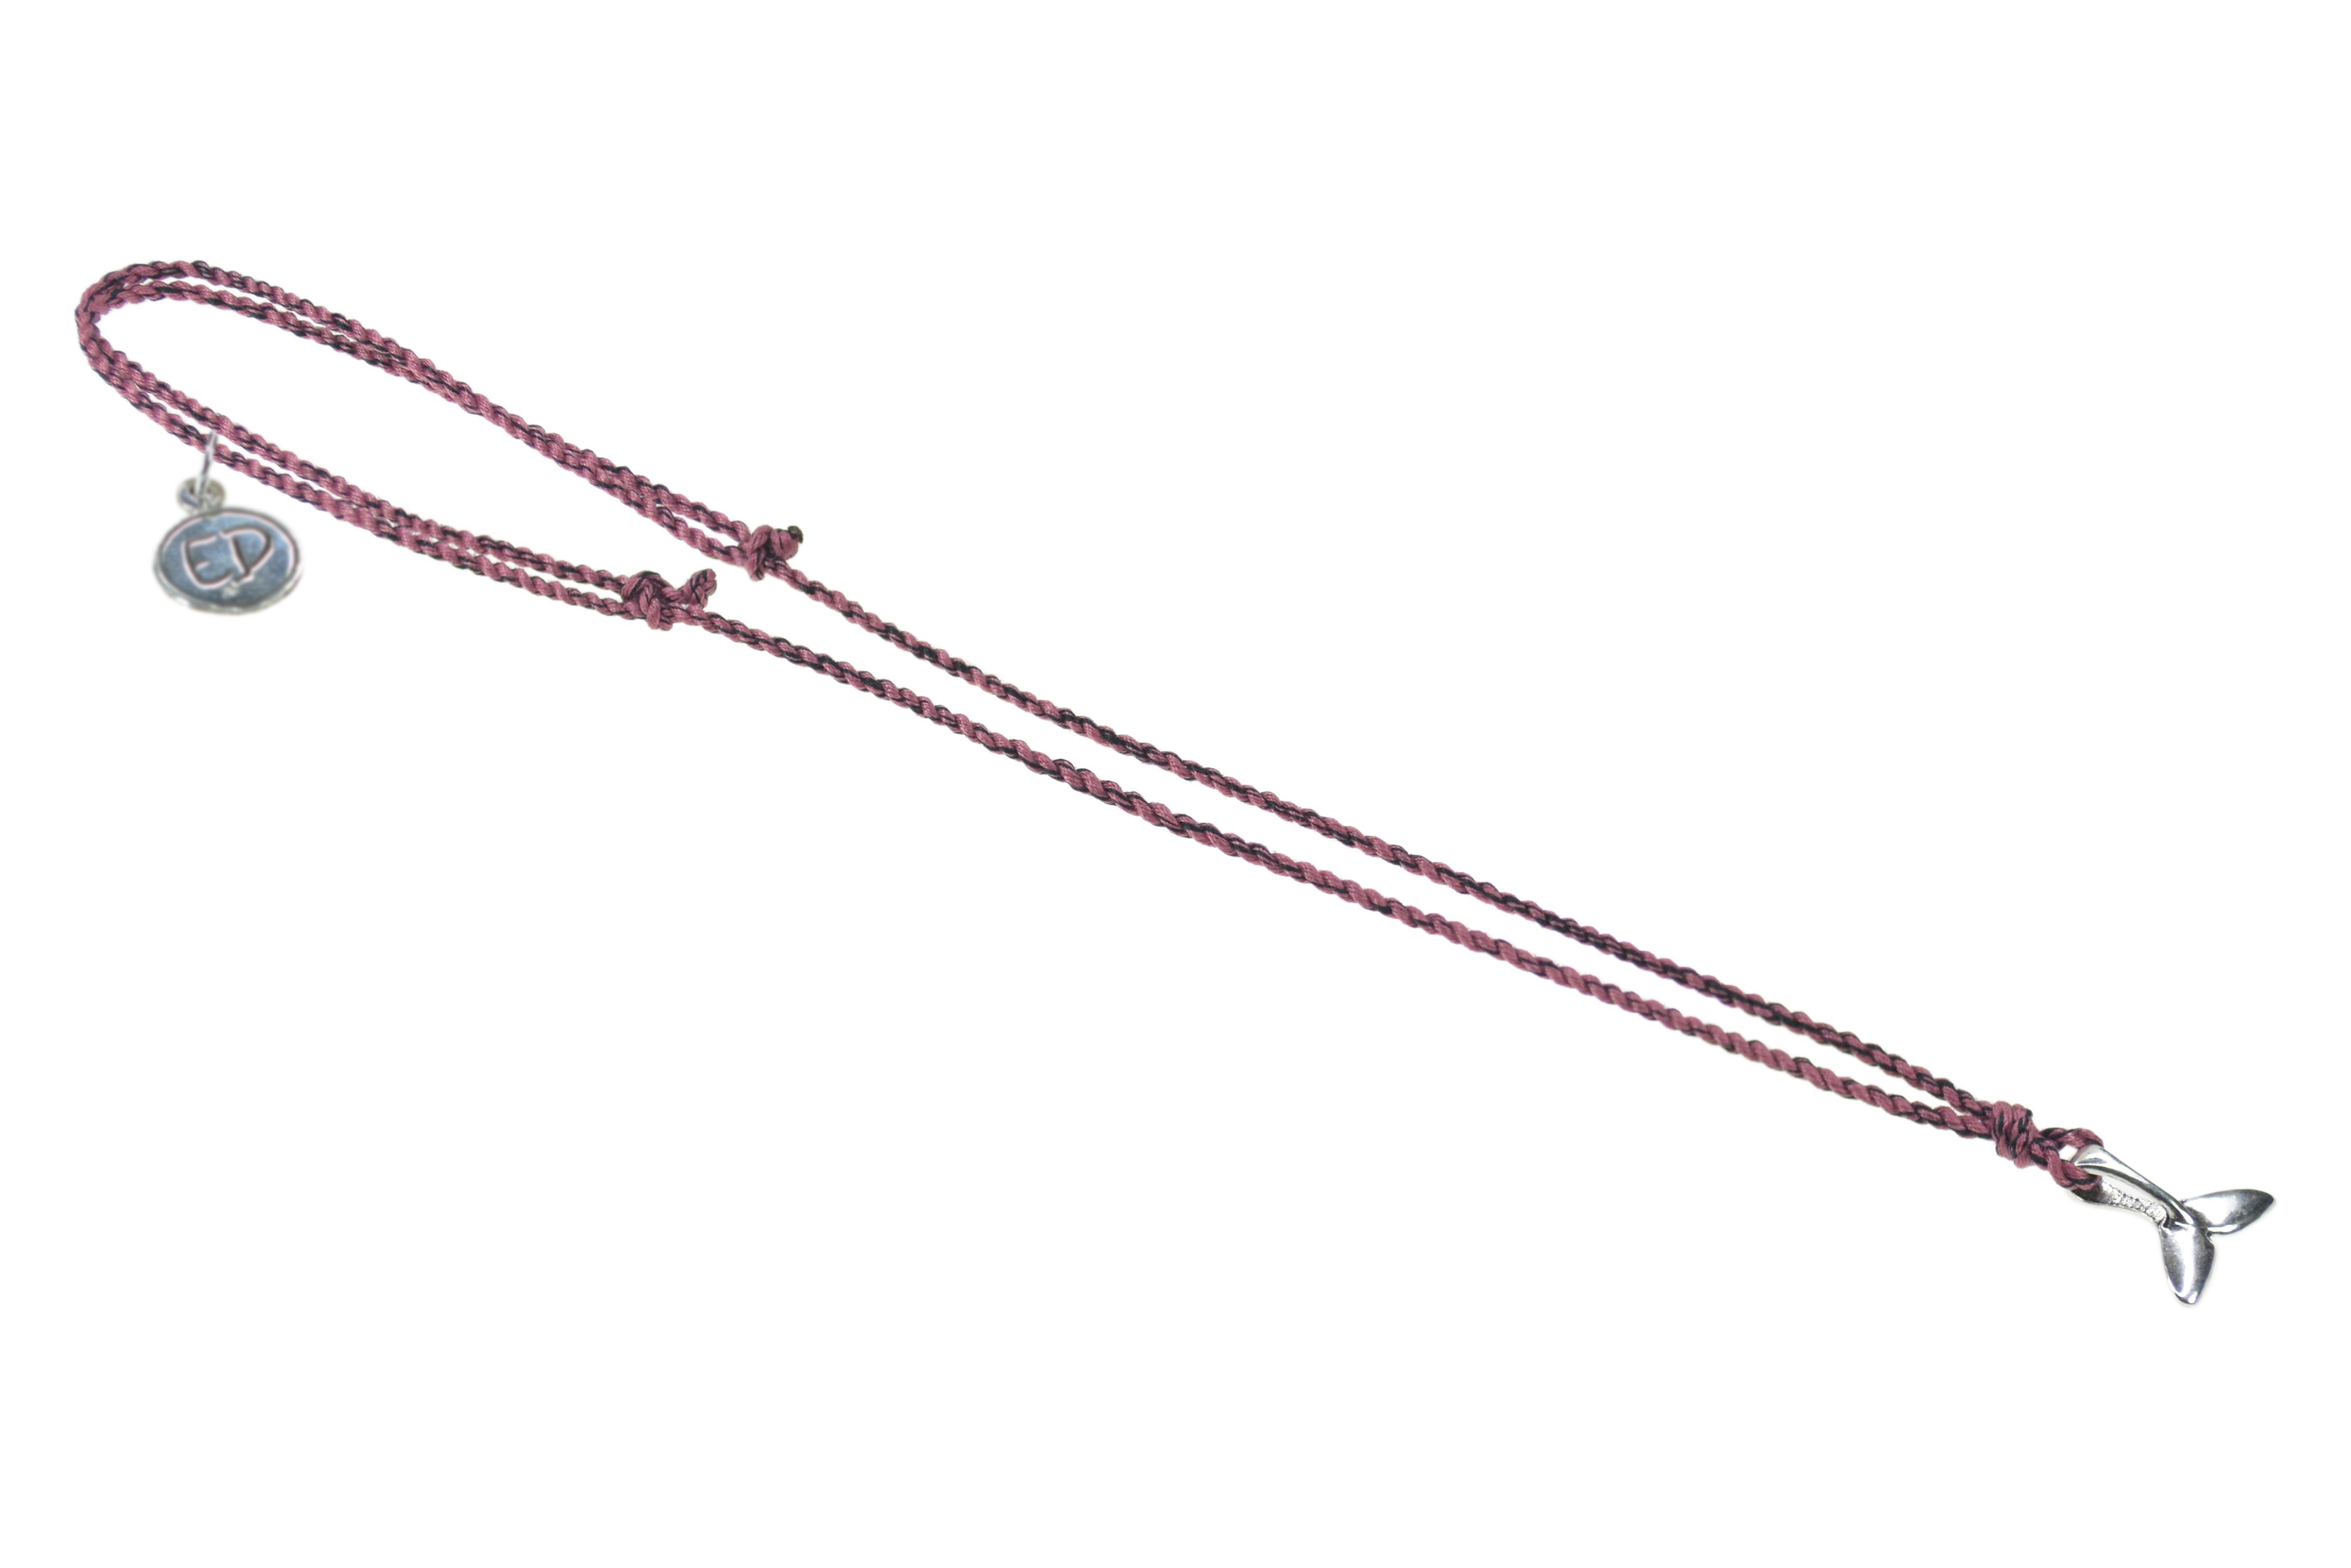 Pánsky prírodný náhrdelník s príveskom veľryba - vínový